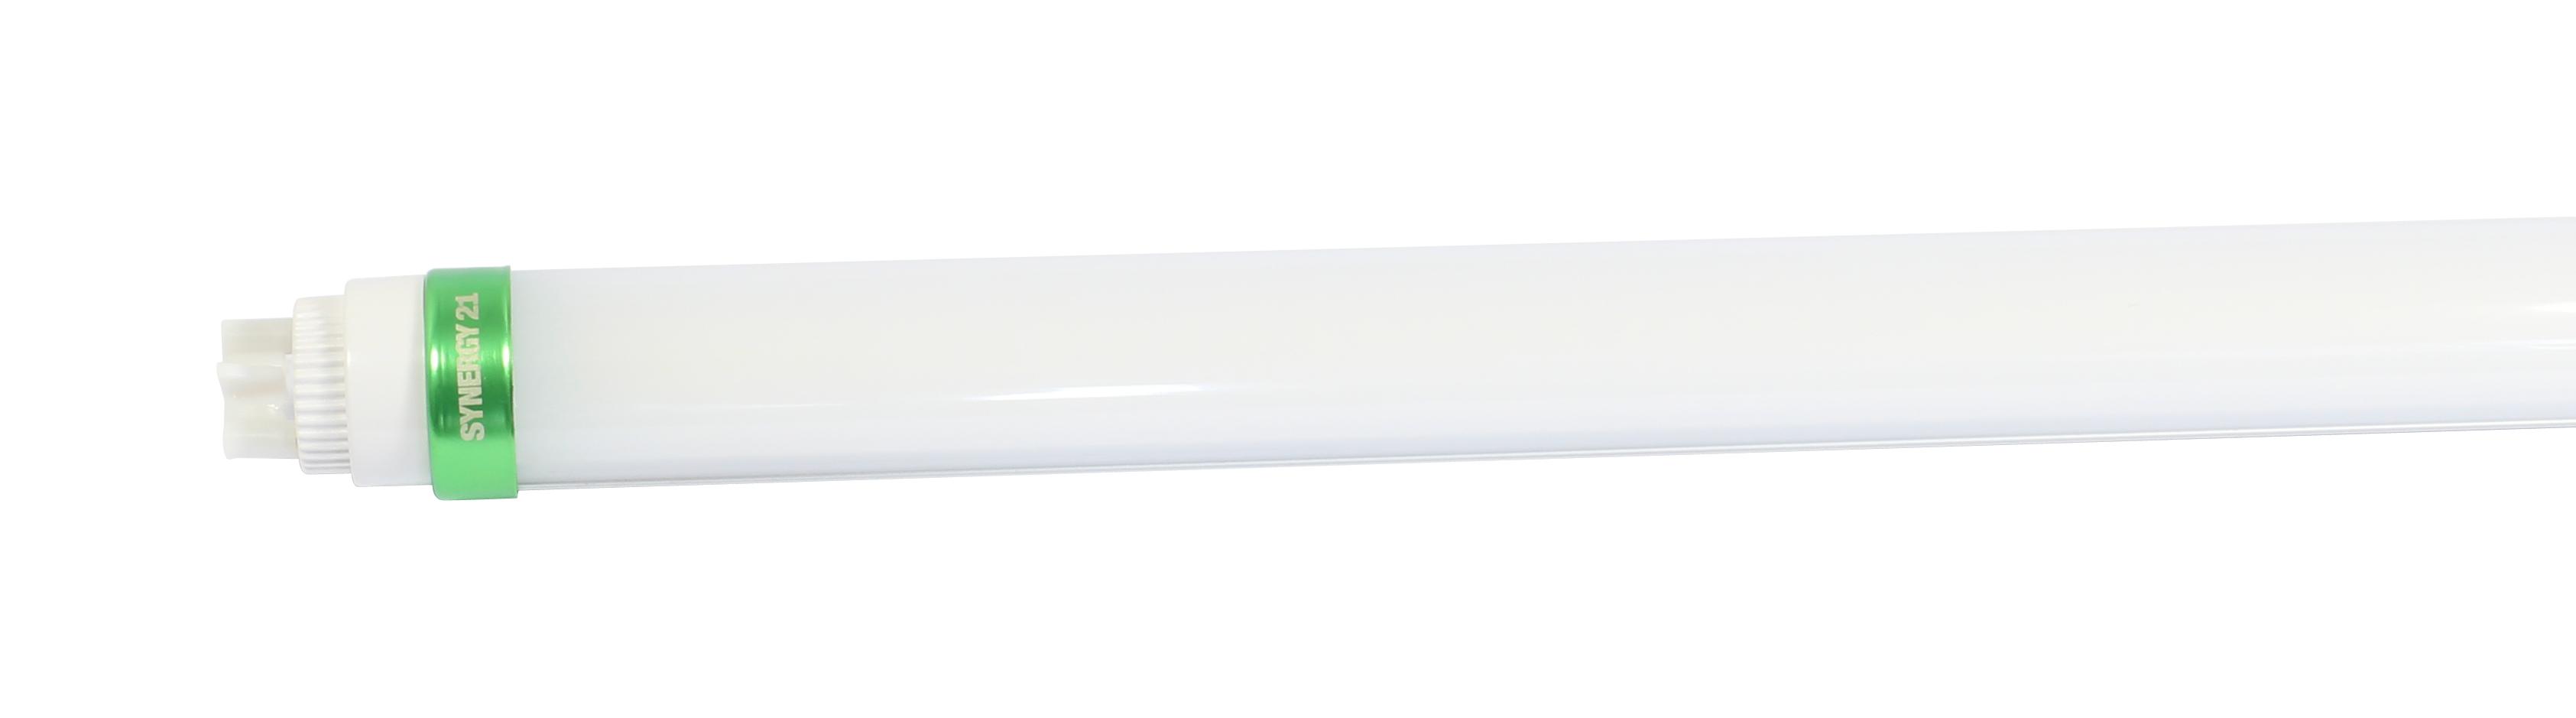 136972 synergy 21 led tube t8 sl serie 120cm neutralwei e kompatibel led tubes r hren. Black Bedroom Furniture Sets. Home Design Ideas